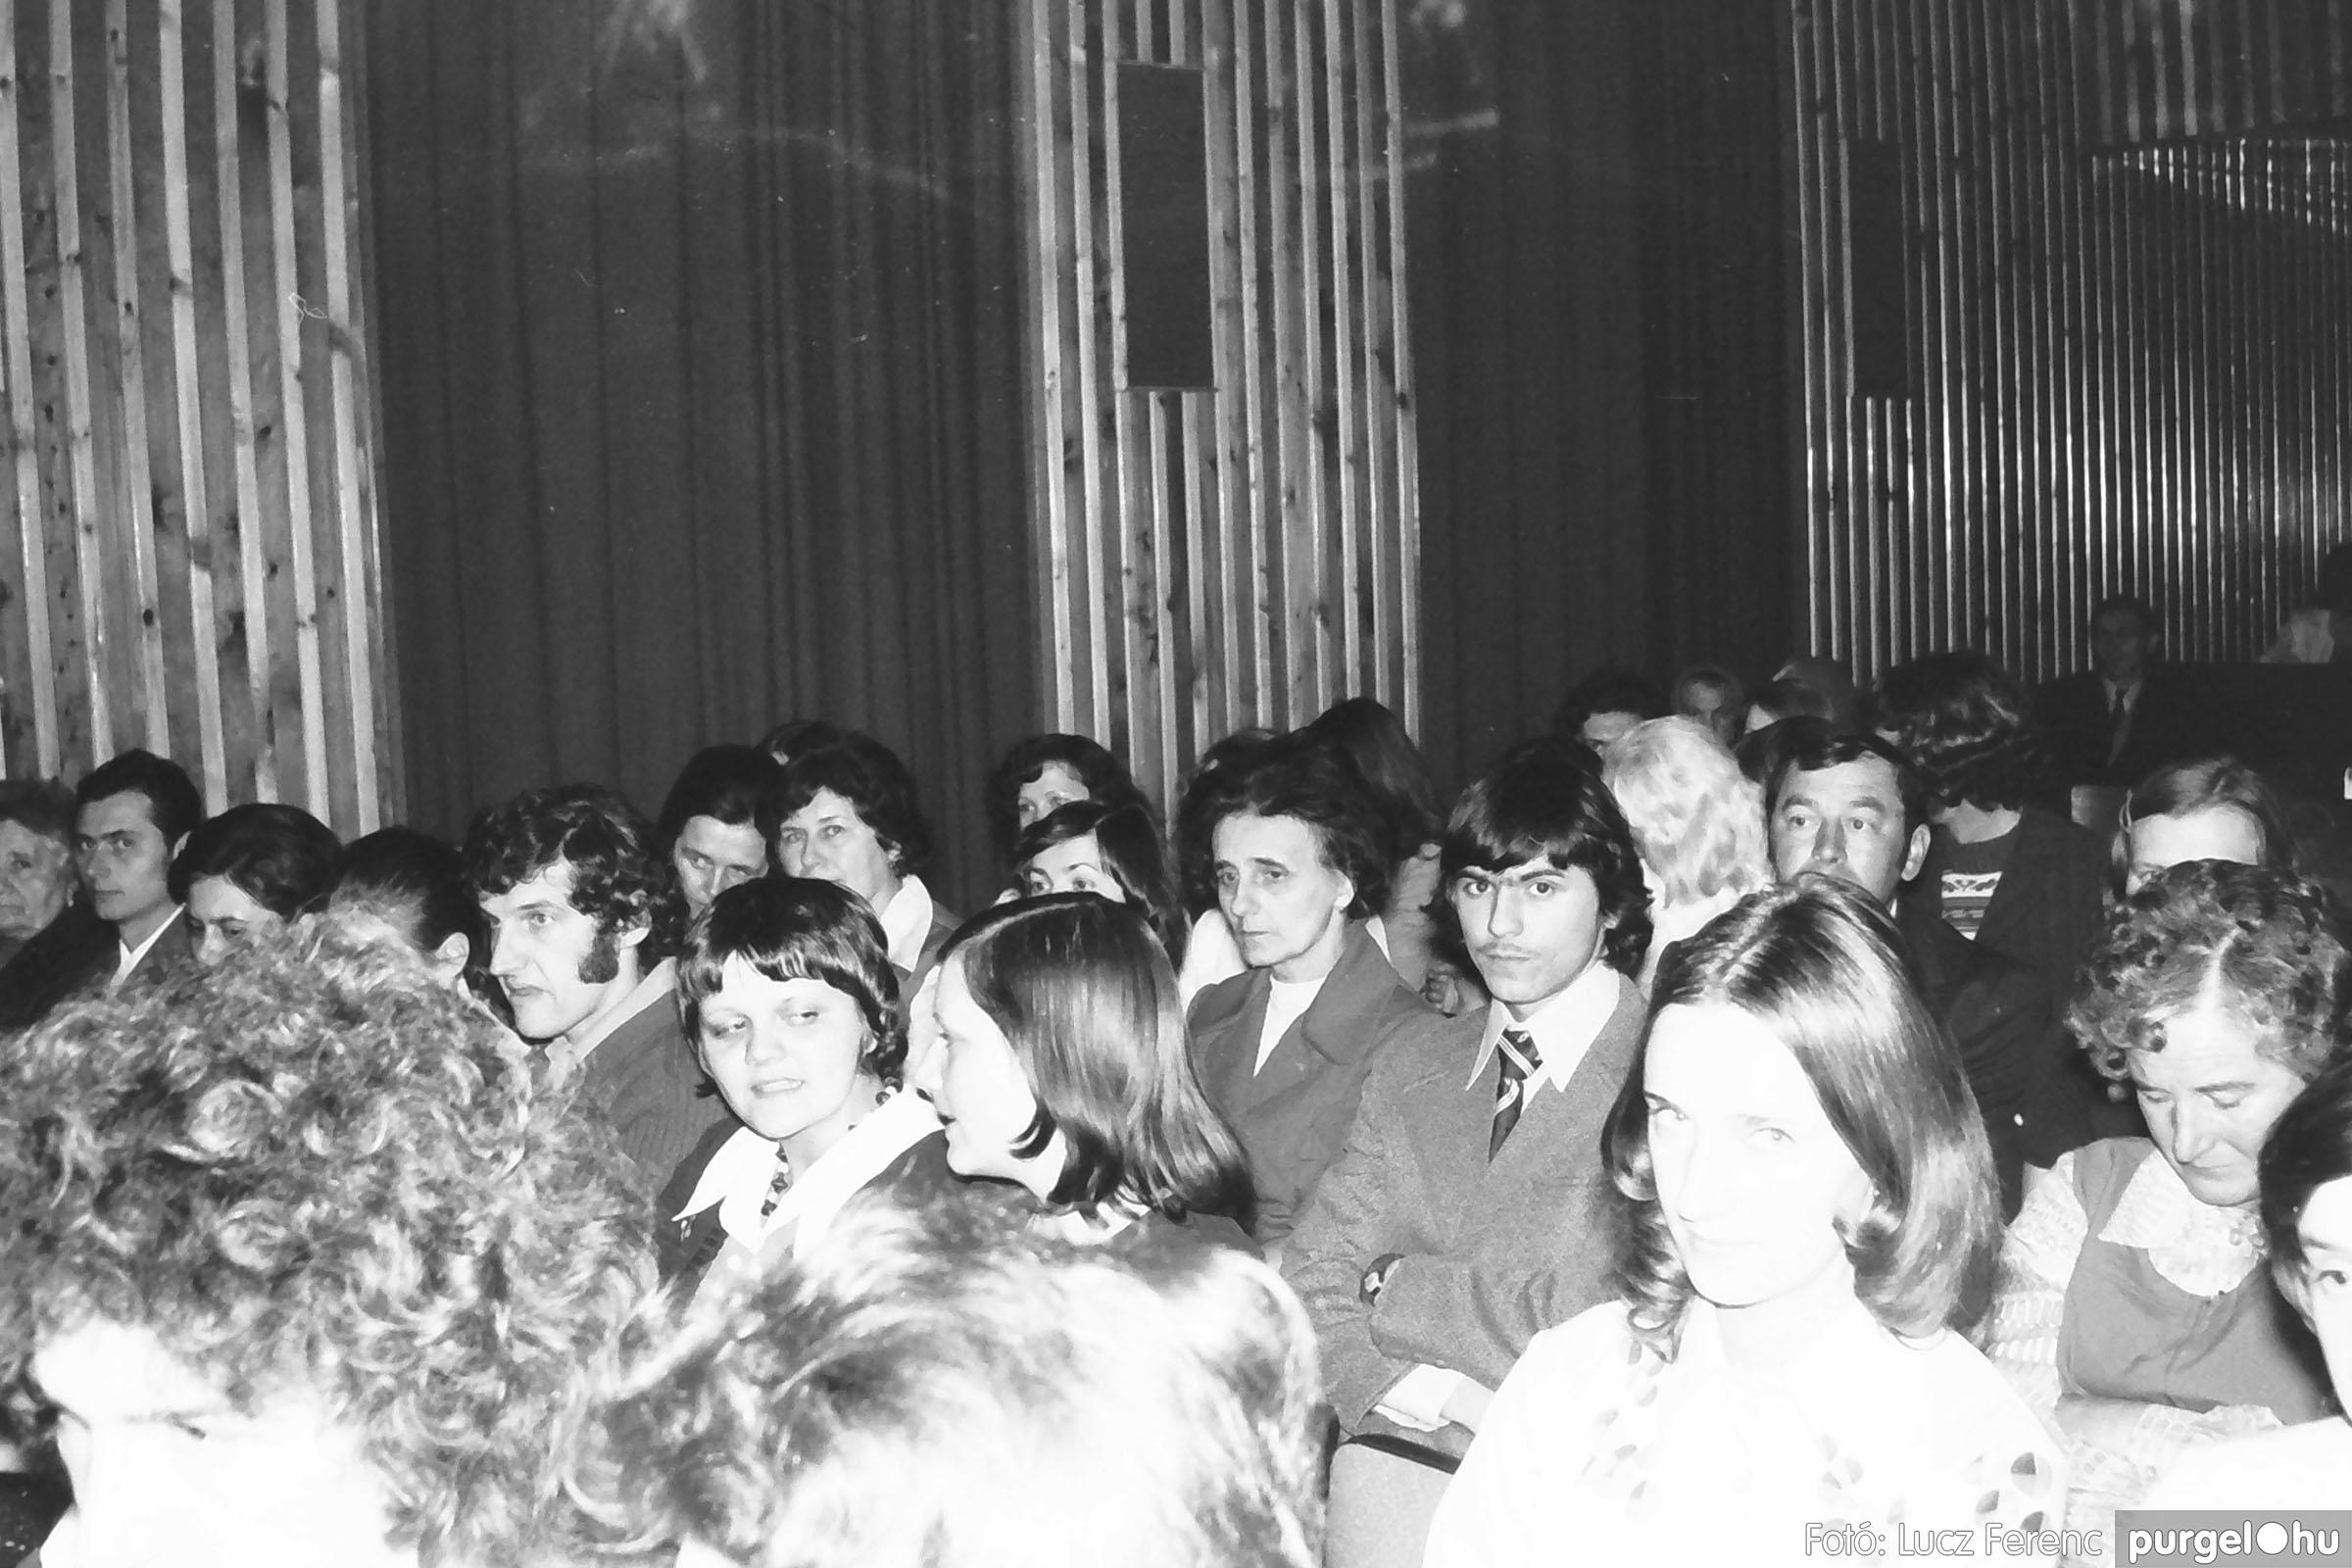 028 1975. Rendezvény a kultúrházban 007 - Fotó: Lucz Ferenc IMG00074q.jpg